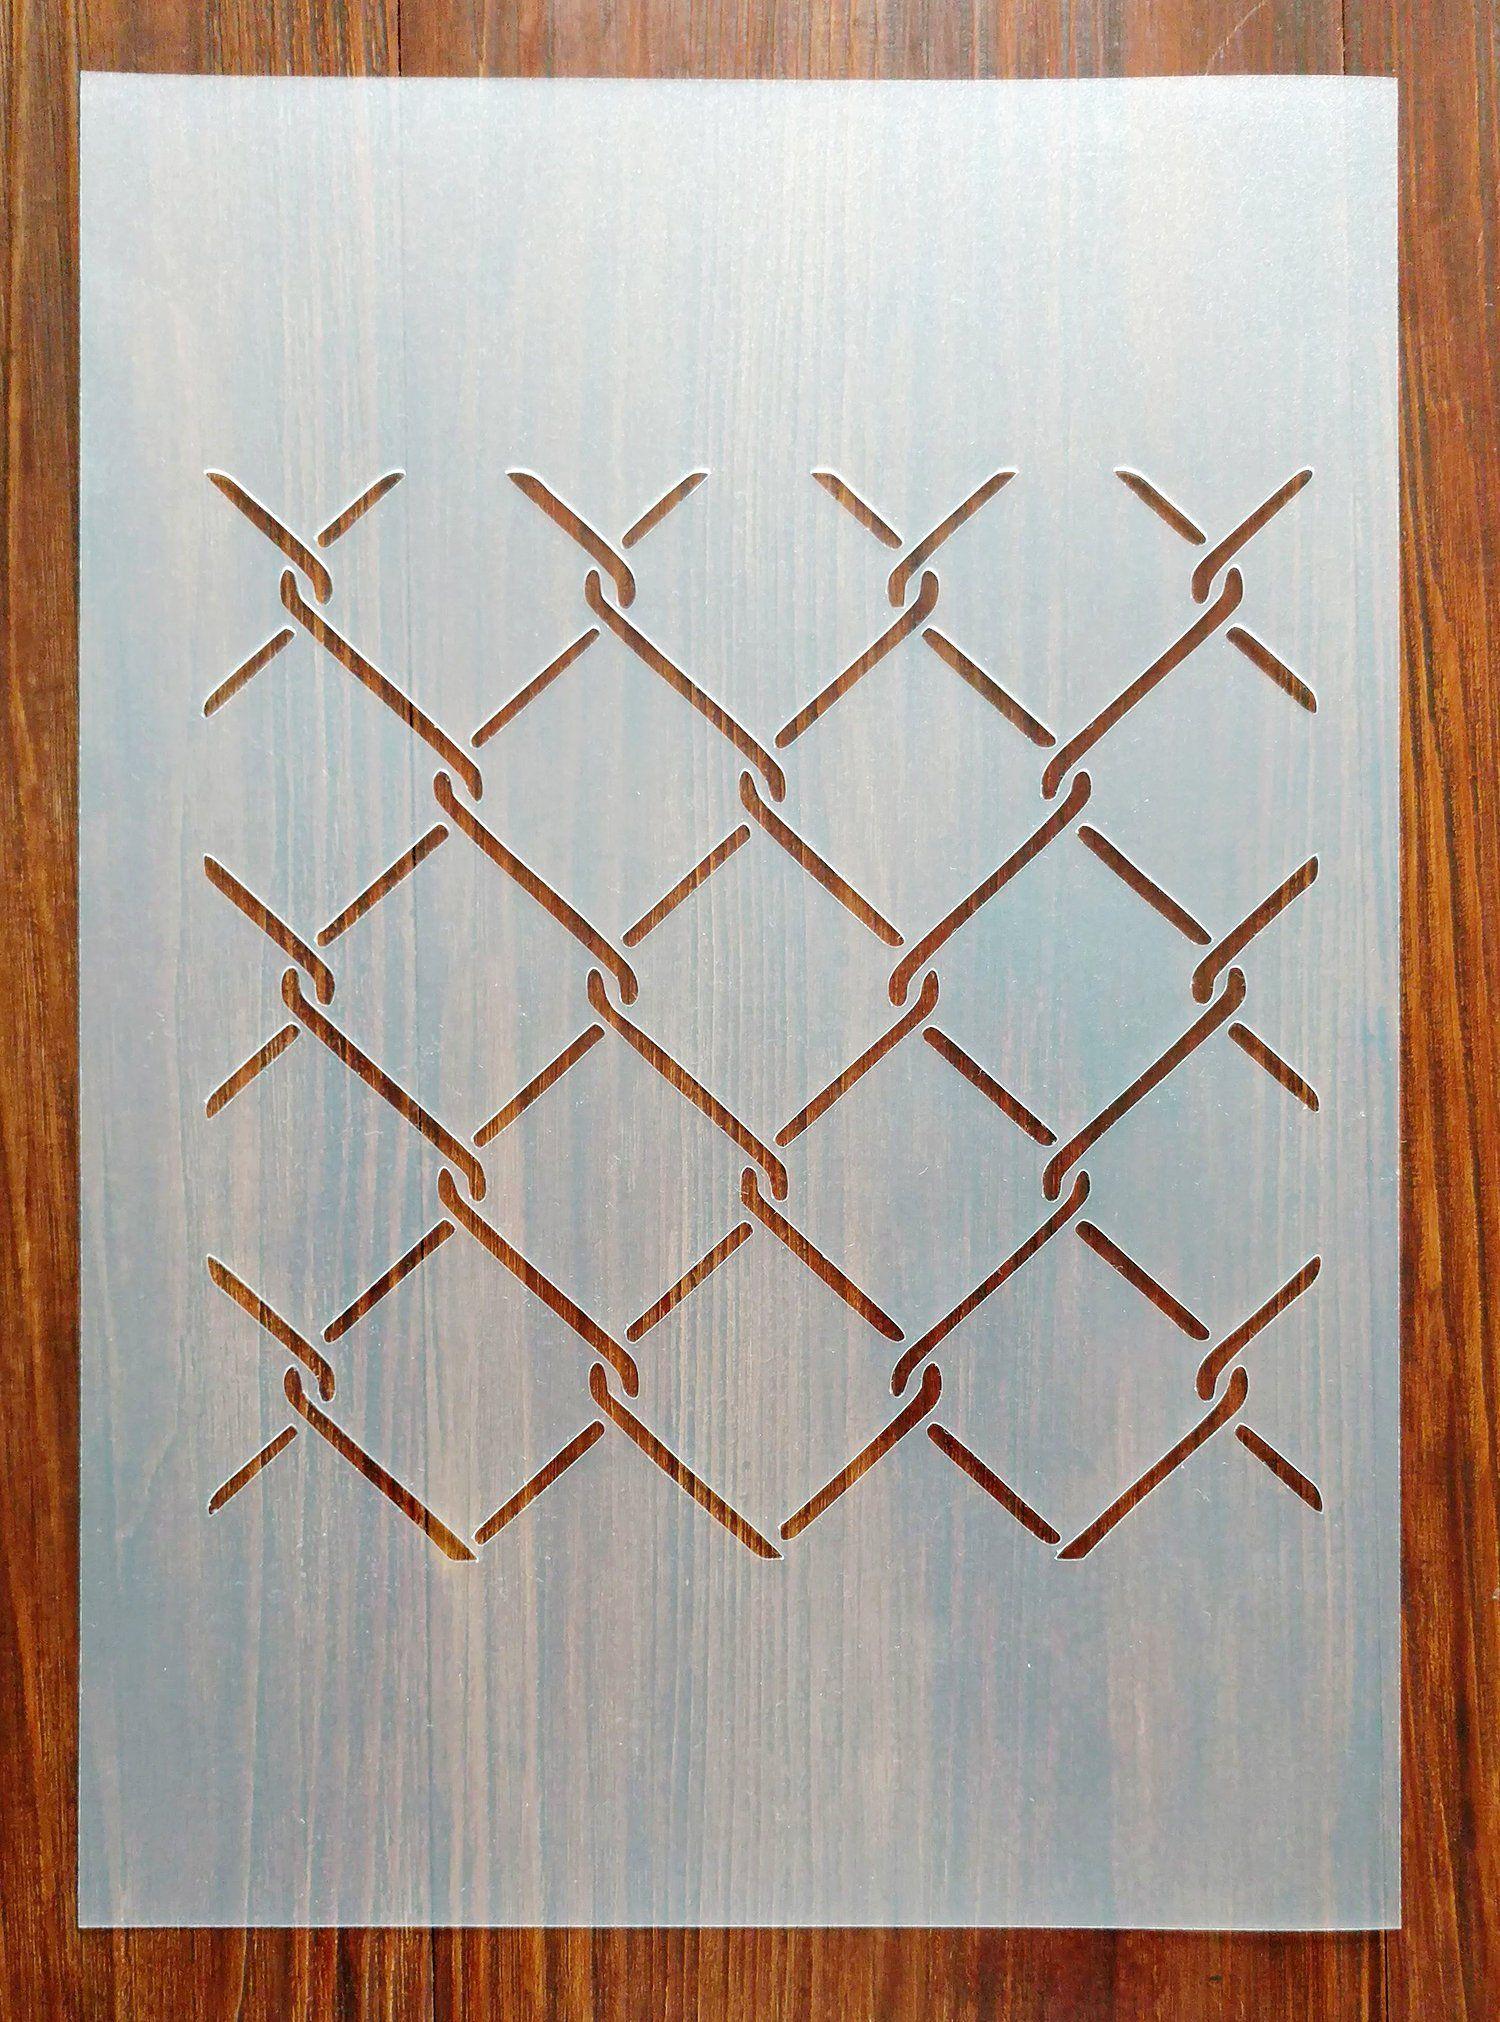 Stencil A4  8,2 x 11,7  21 x 29,7 cm Hexagon Stars Pattern